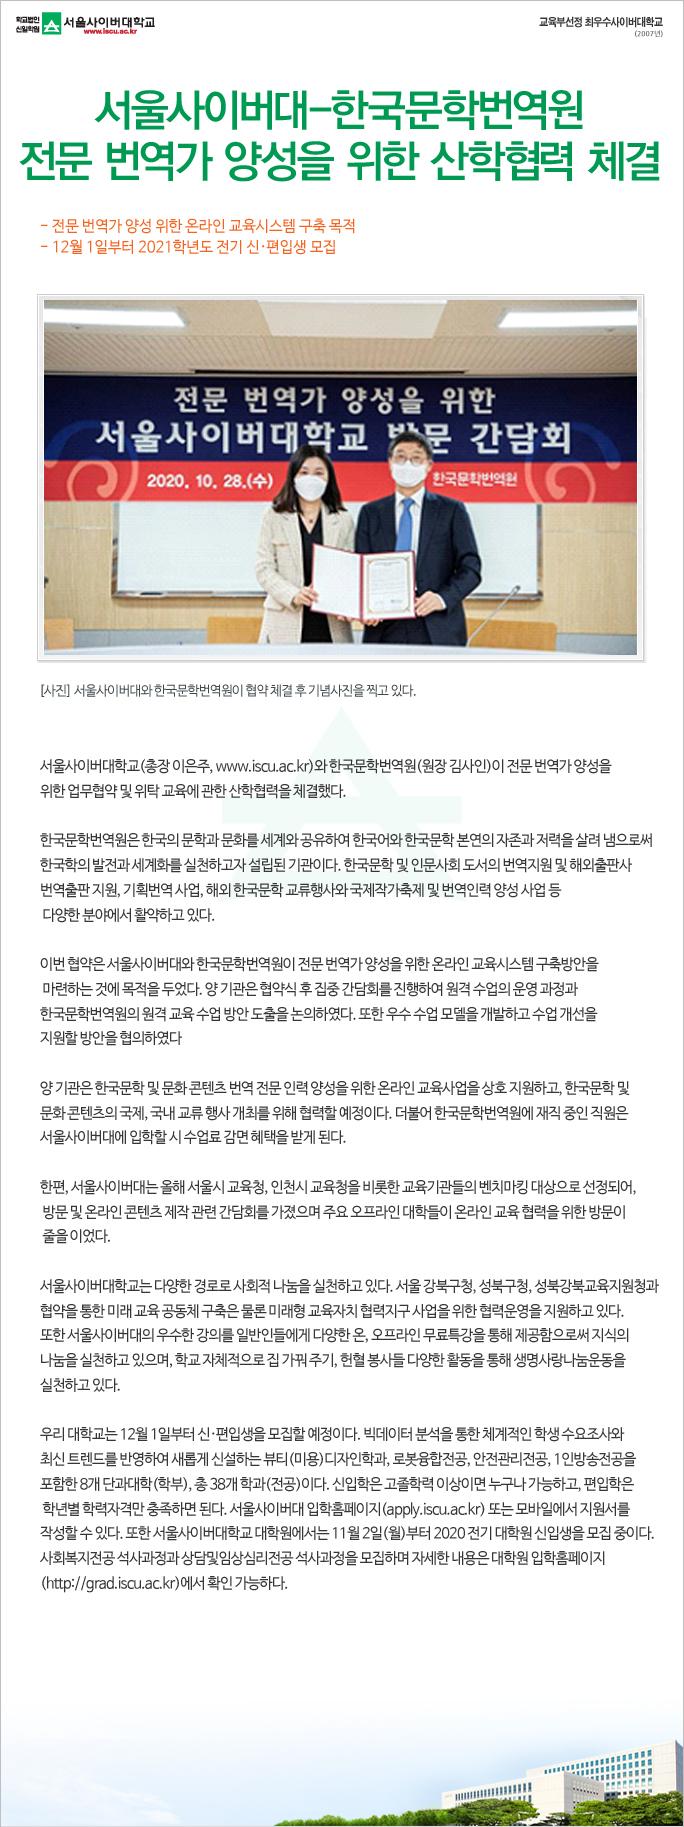 서울사이버대-한국문학번역원 전문 번역가 양성을 위한 산학협력 체결